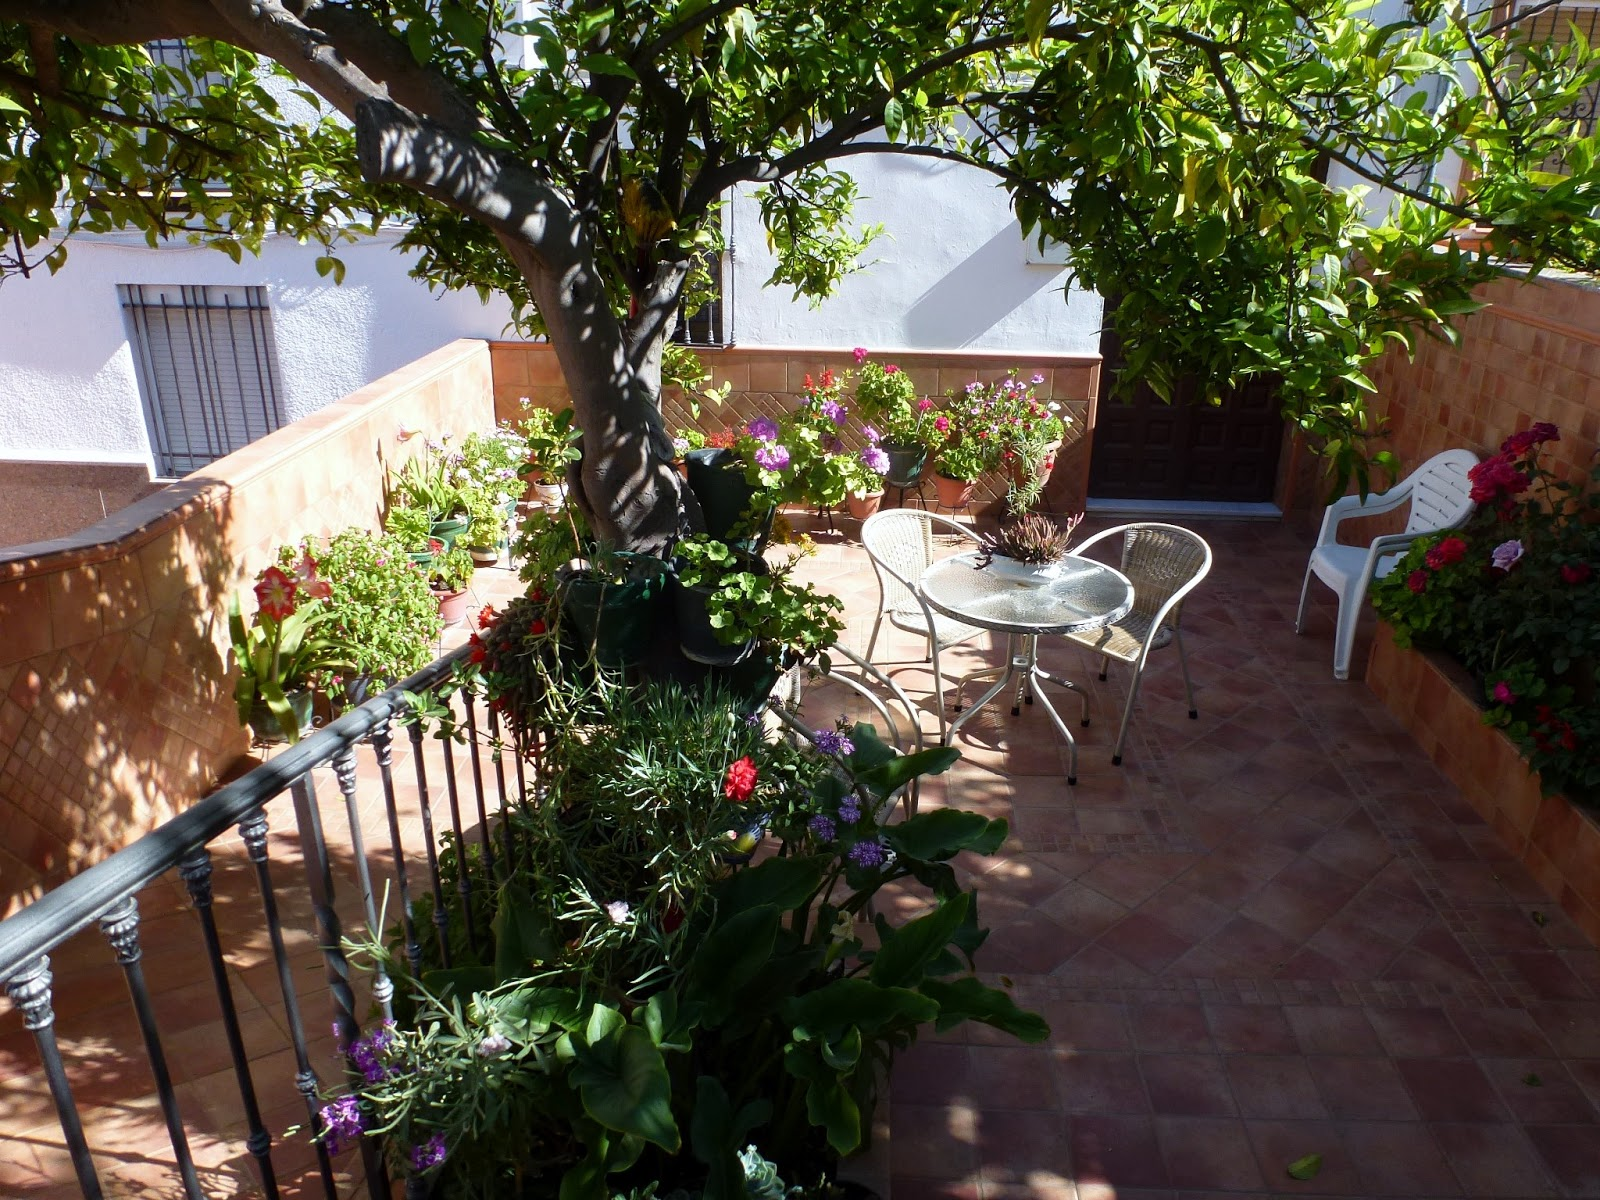 Olvera diary los balcones patios y jardines de olvera - Patios y jardines ...